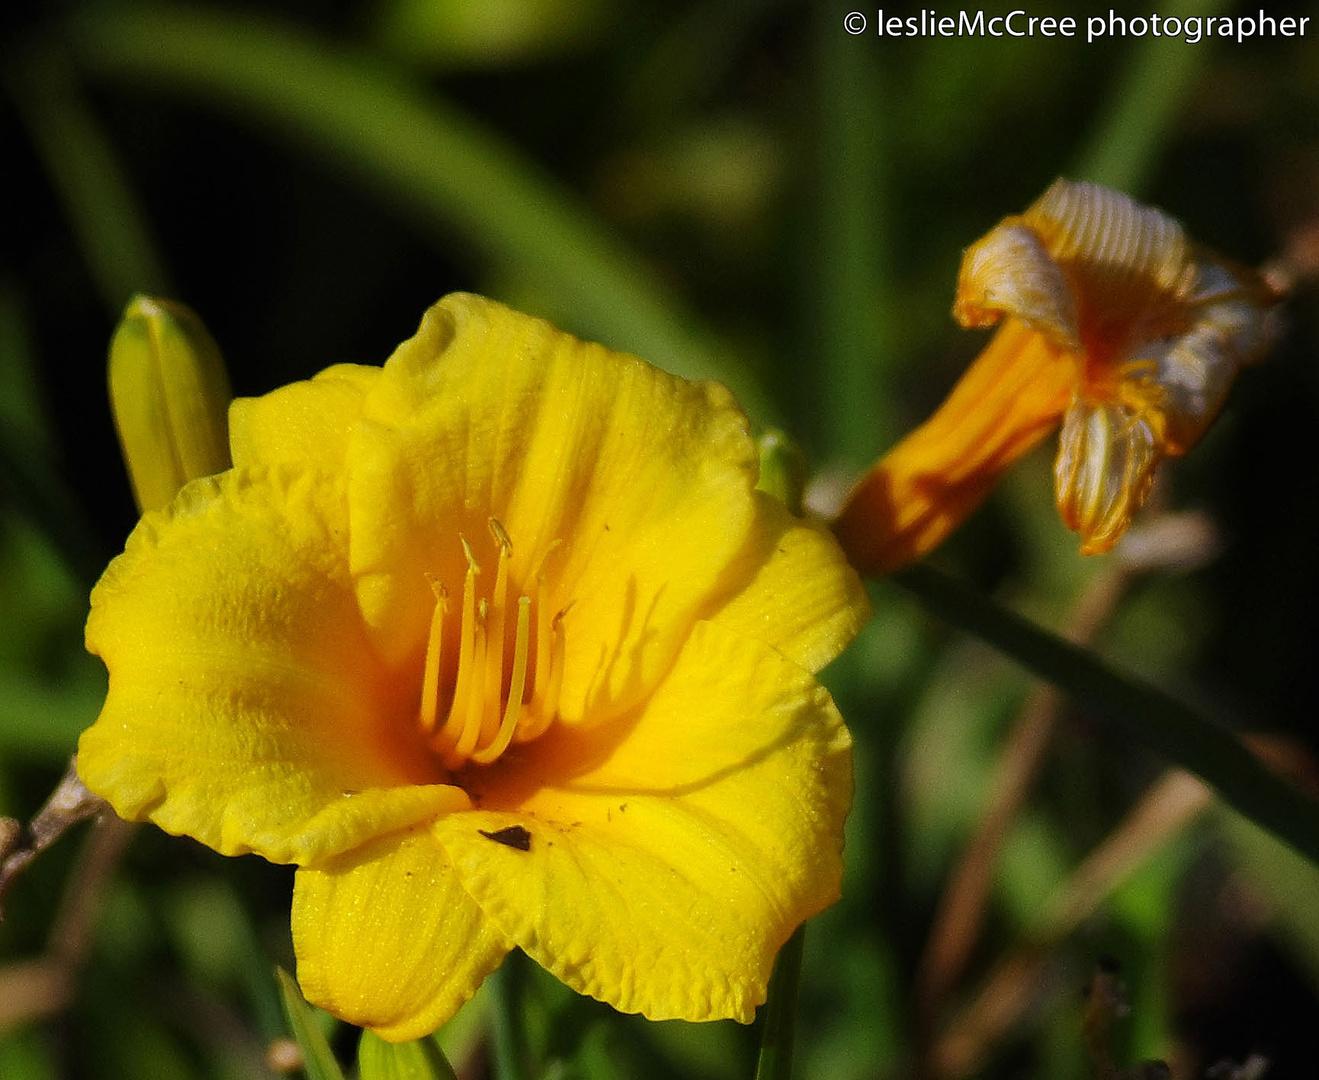 flower4landscape1.jpg